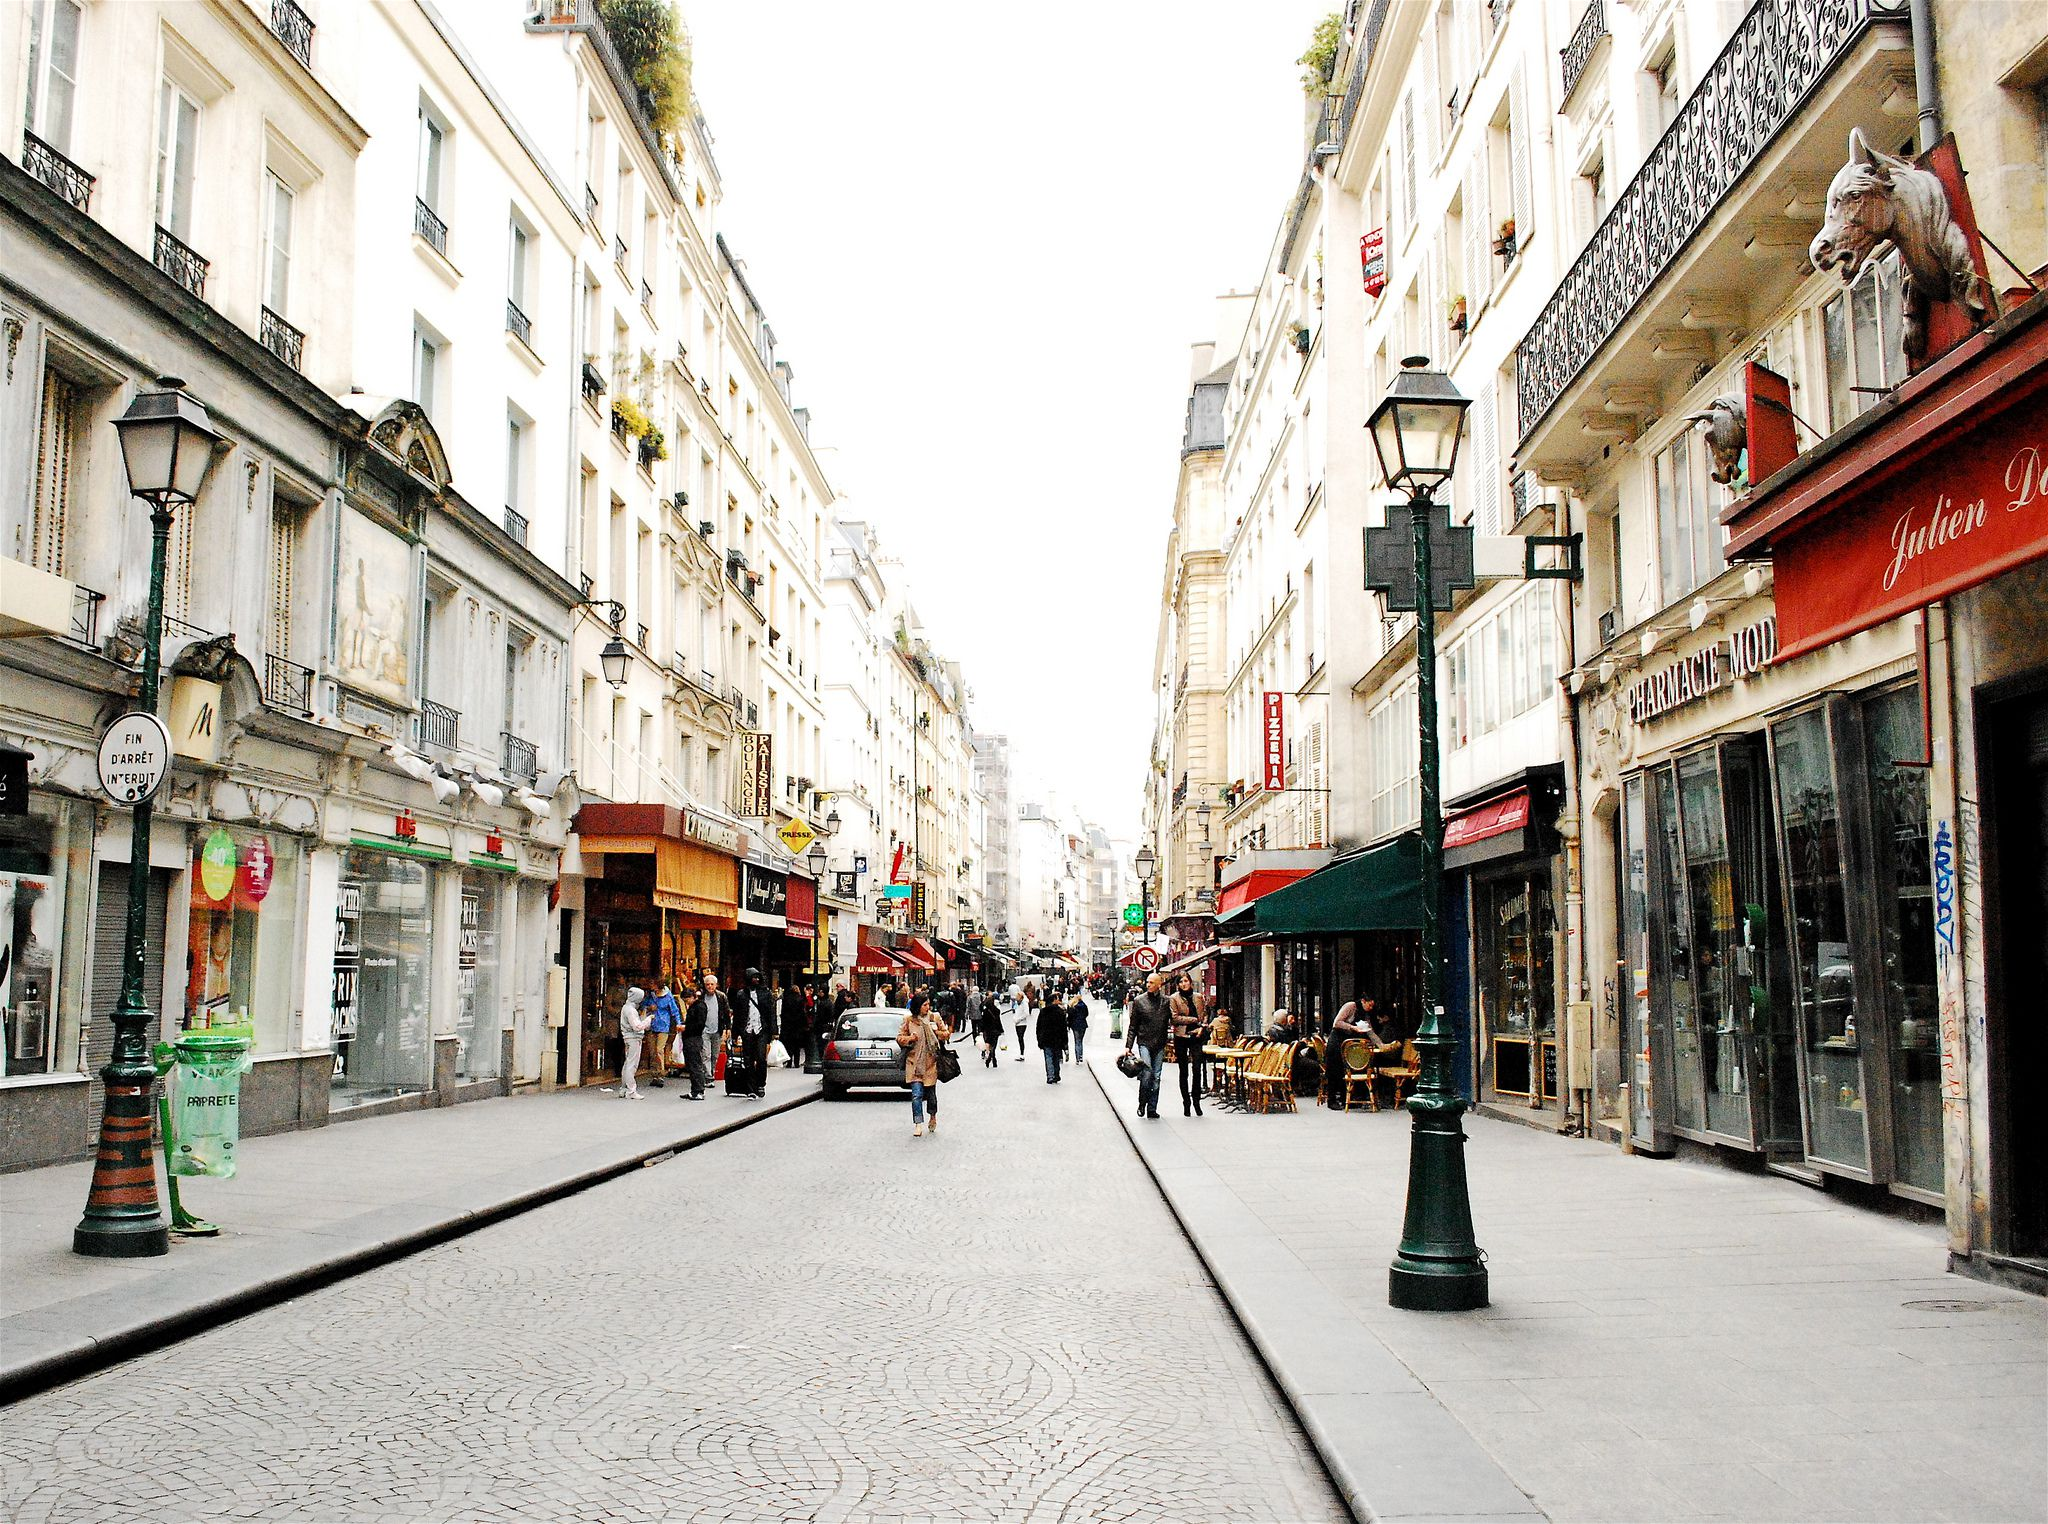 Rue Montorgueil se encuentra en el centro de París: pero esta calle peatonal se siente como parte de un pequeño pueblo